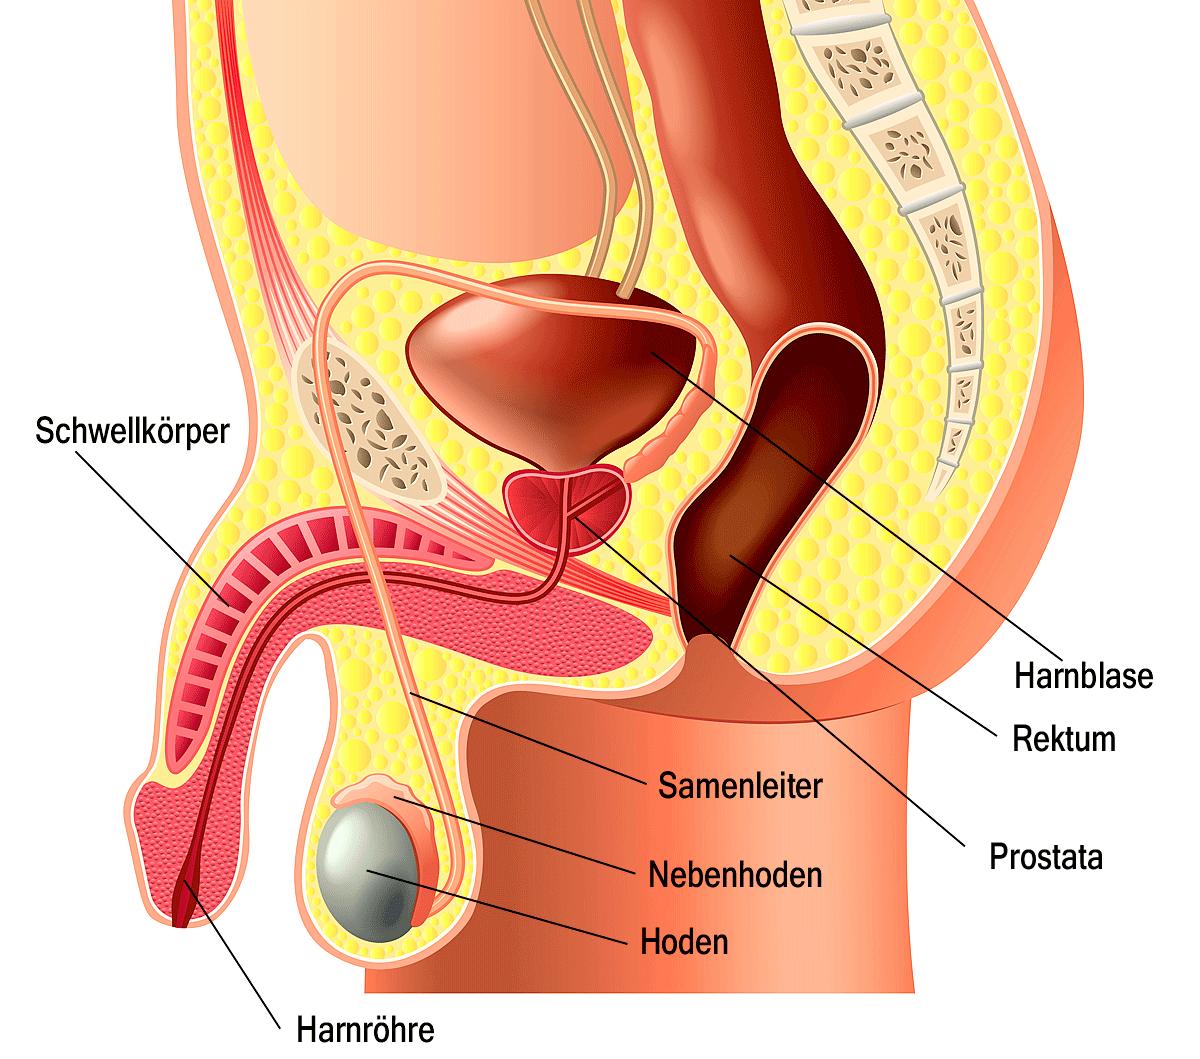 Schematische Darstellung des Penis und umgebender Organe